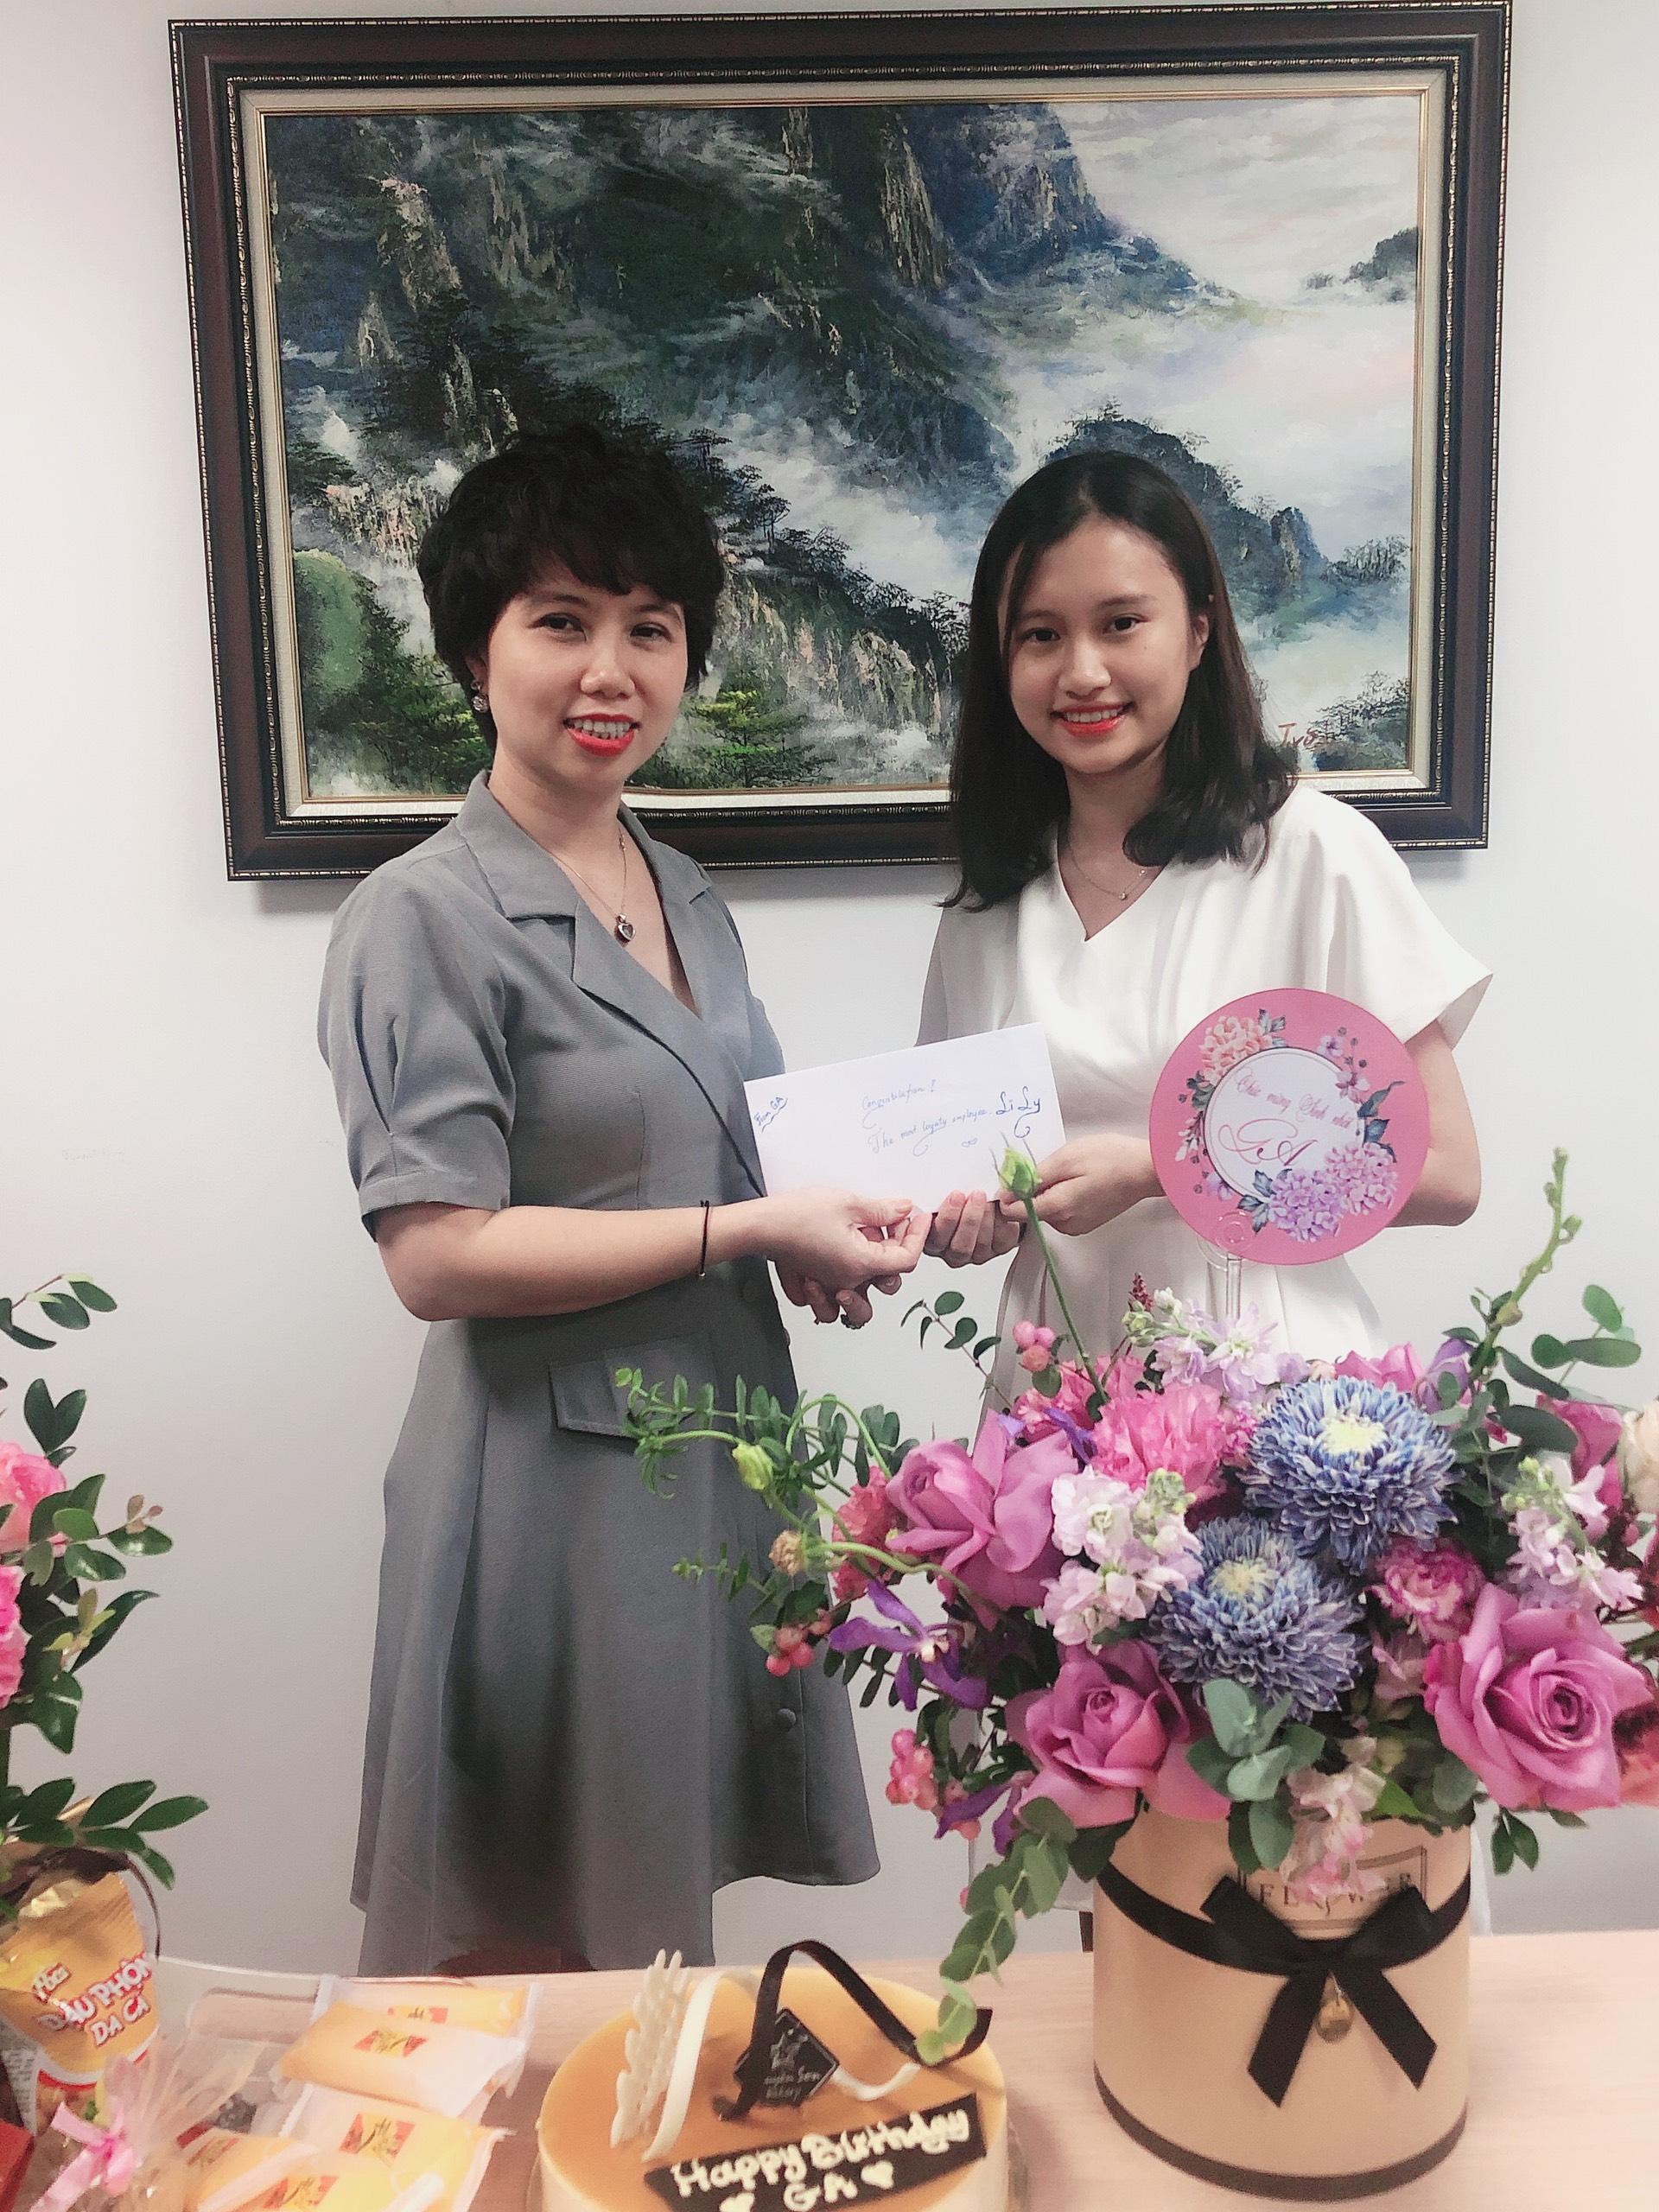 Phần quà đã được trao cho nhân viên kỳ cựu nhất của GA đã đồng hành cùng công ty